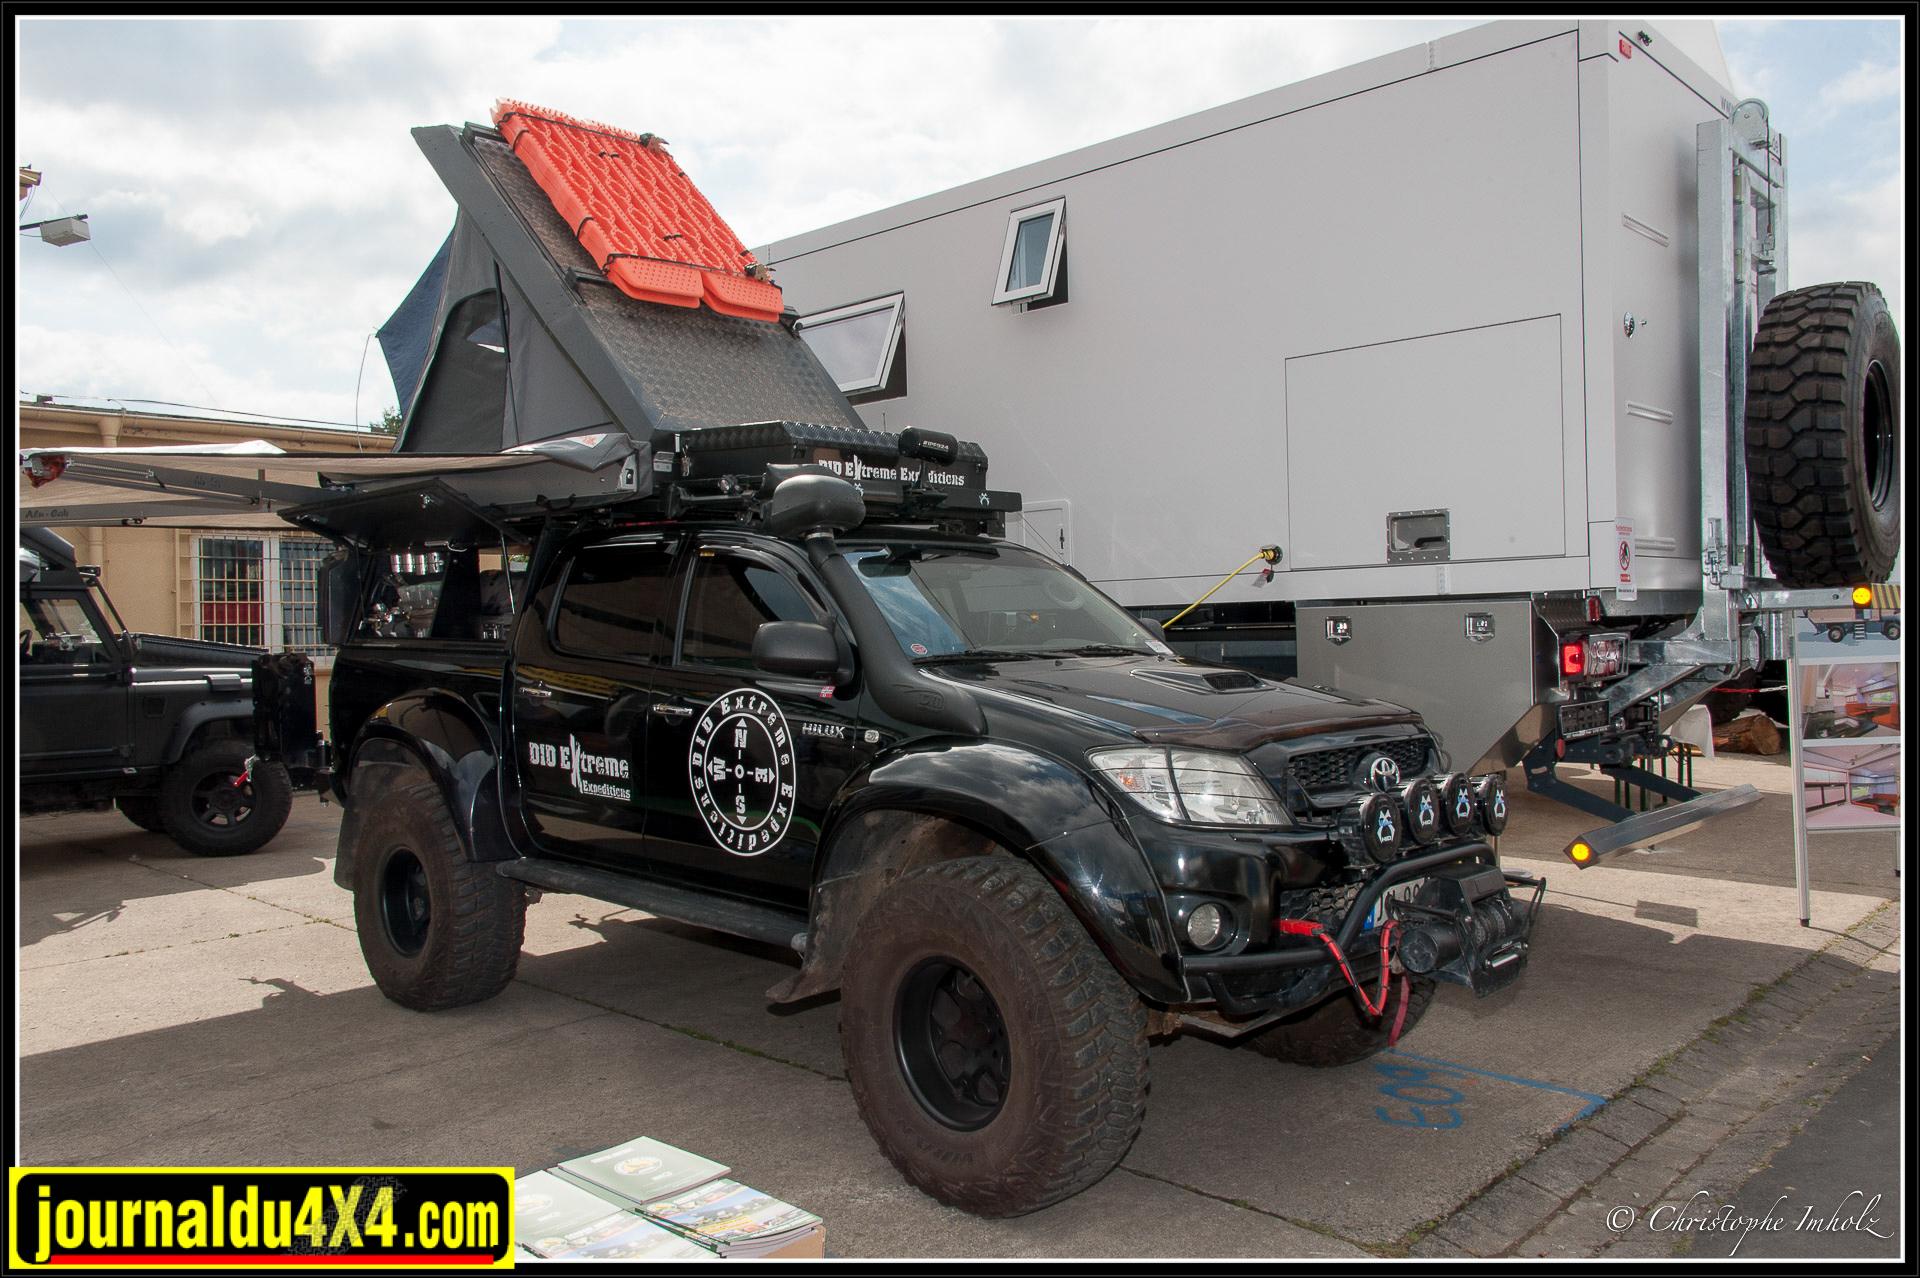 Voici un Hi-Lux Arctic Trucks équipé de produits Alu-Cab